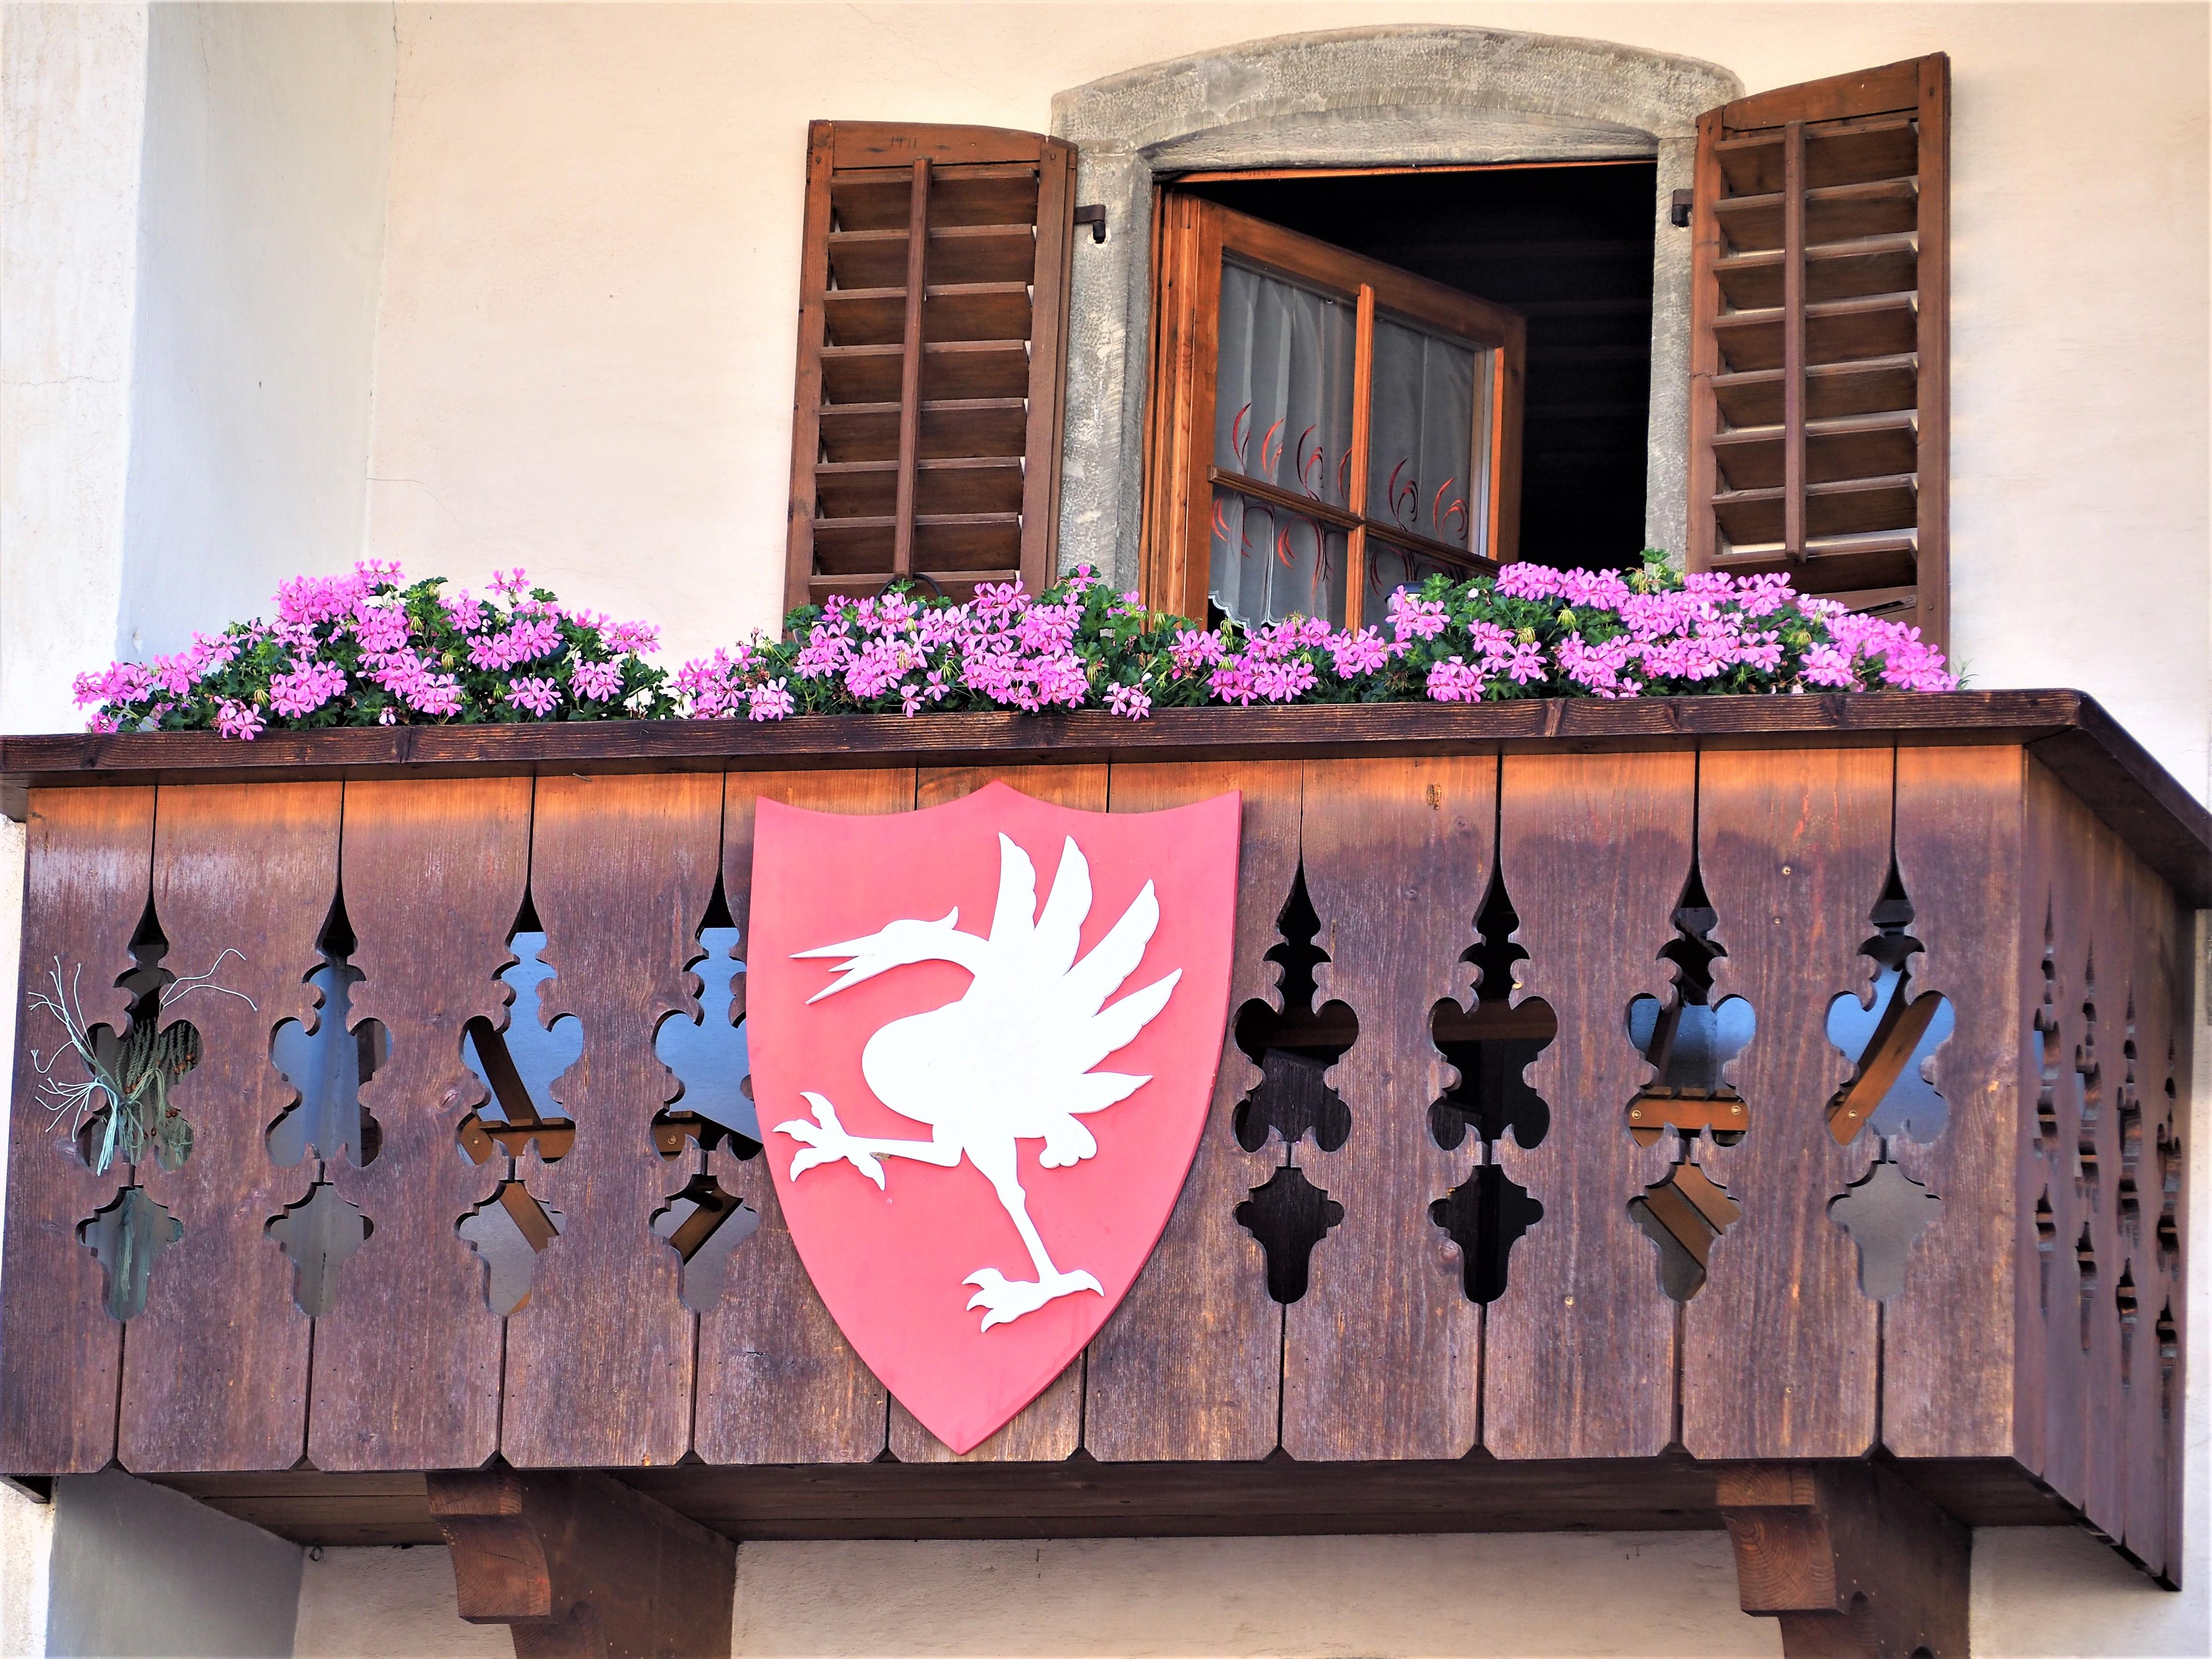 Visiter-Gruyères-canton-de-Fribourg-Suisse-détails-balcon-clioandco